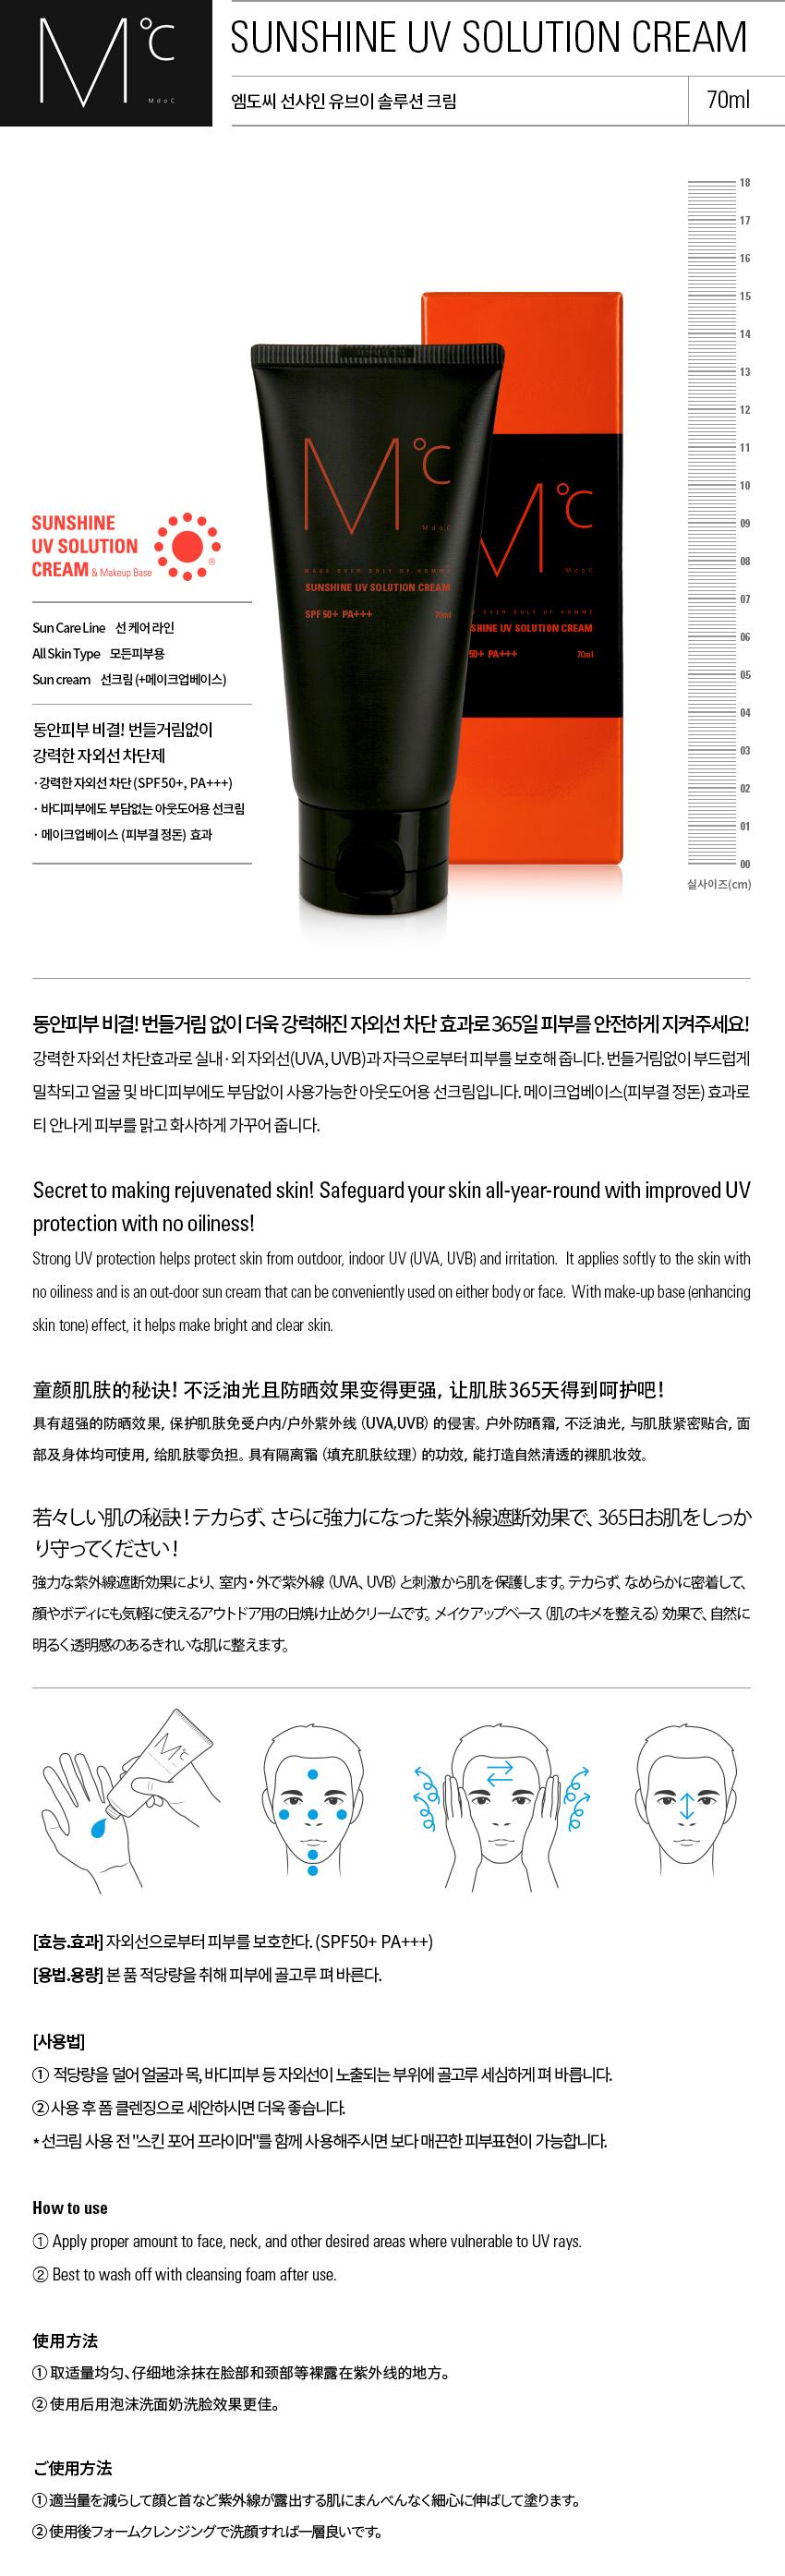 엠도씨 선샤인 유브이 크림 - 엠도씨, 20,000원, 선케어, 선크림